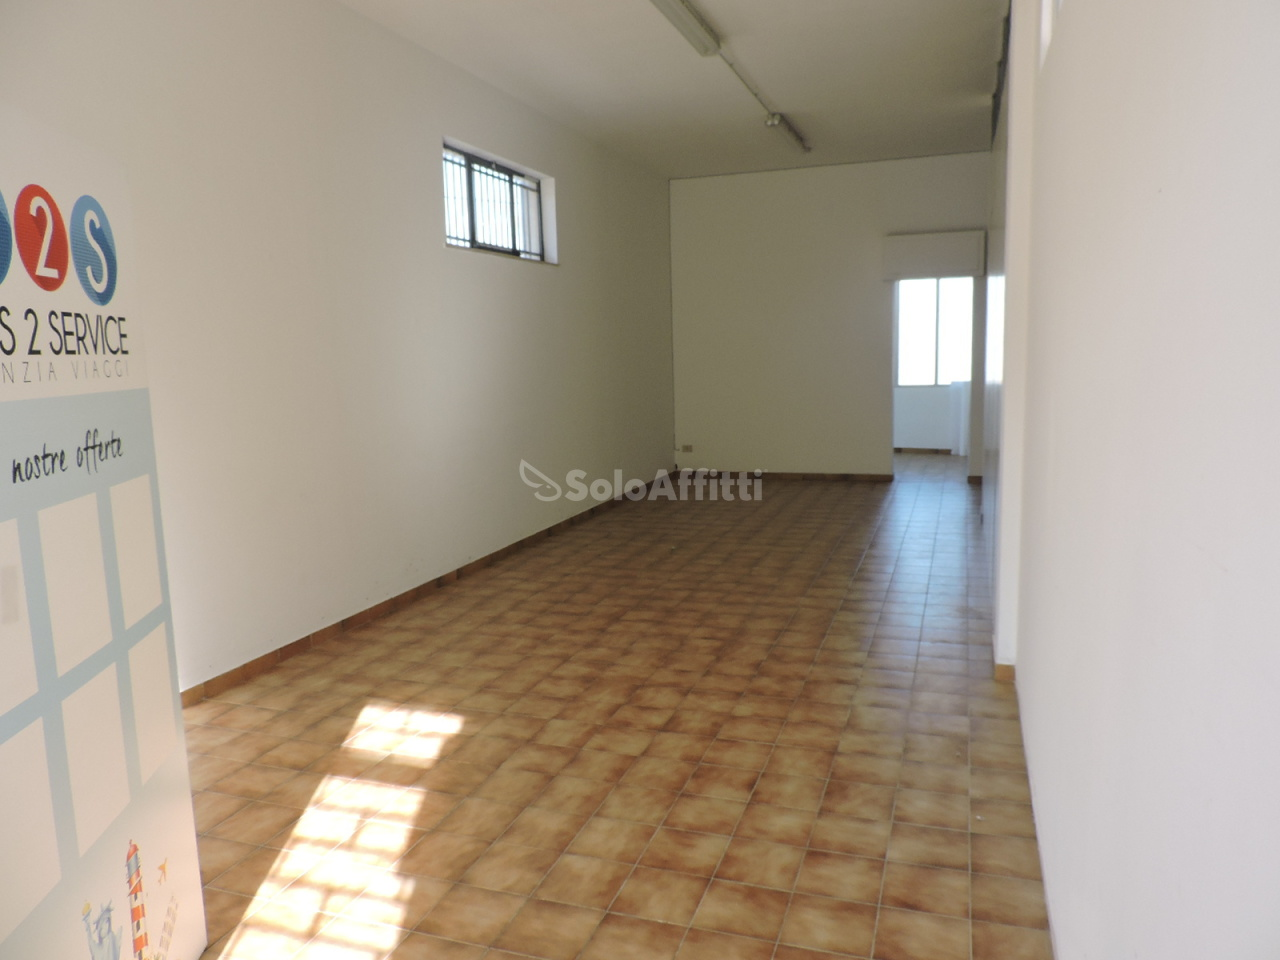 Fondo/negozio - 3 vetrine/luci a Villa Raspa, Spoltore Rif. 4133691